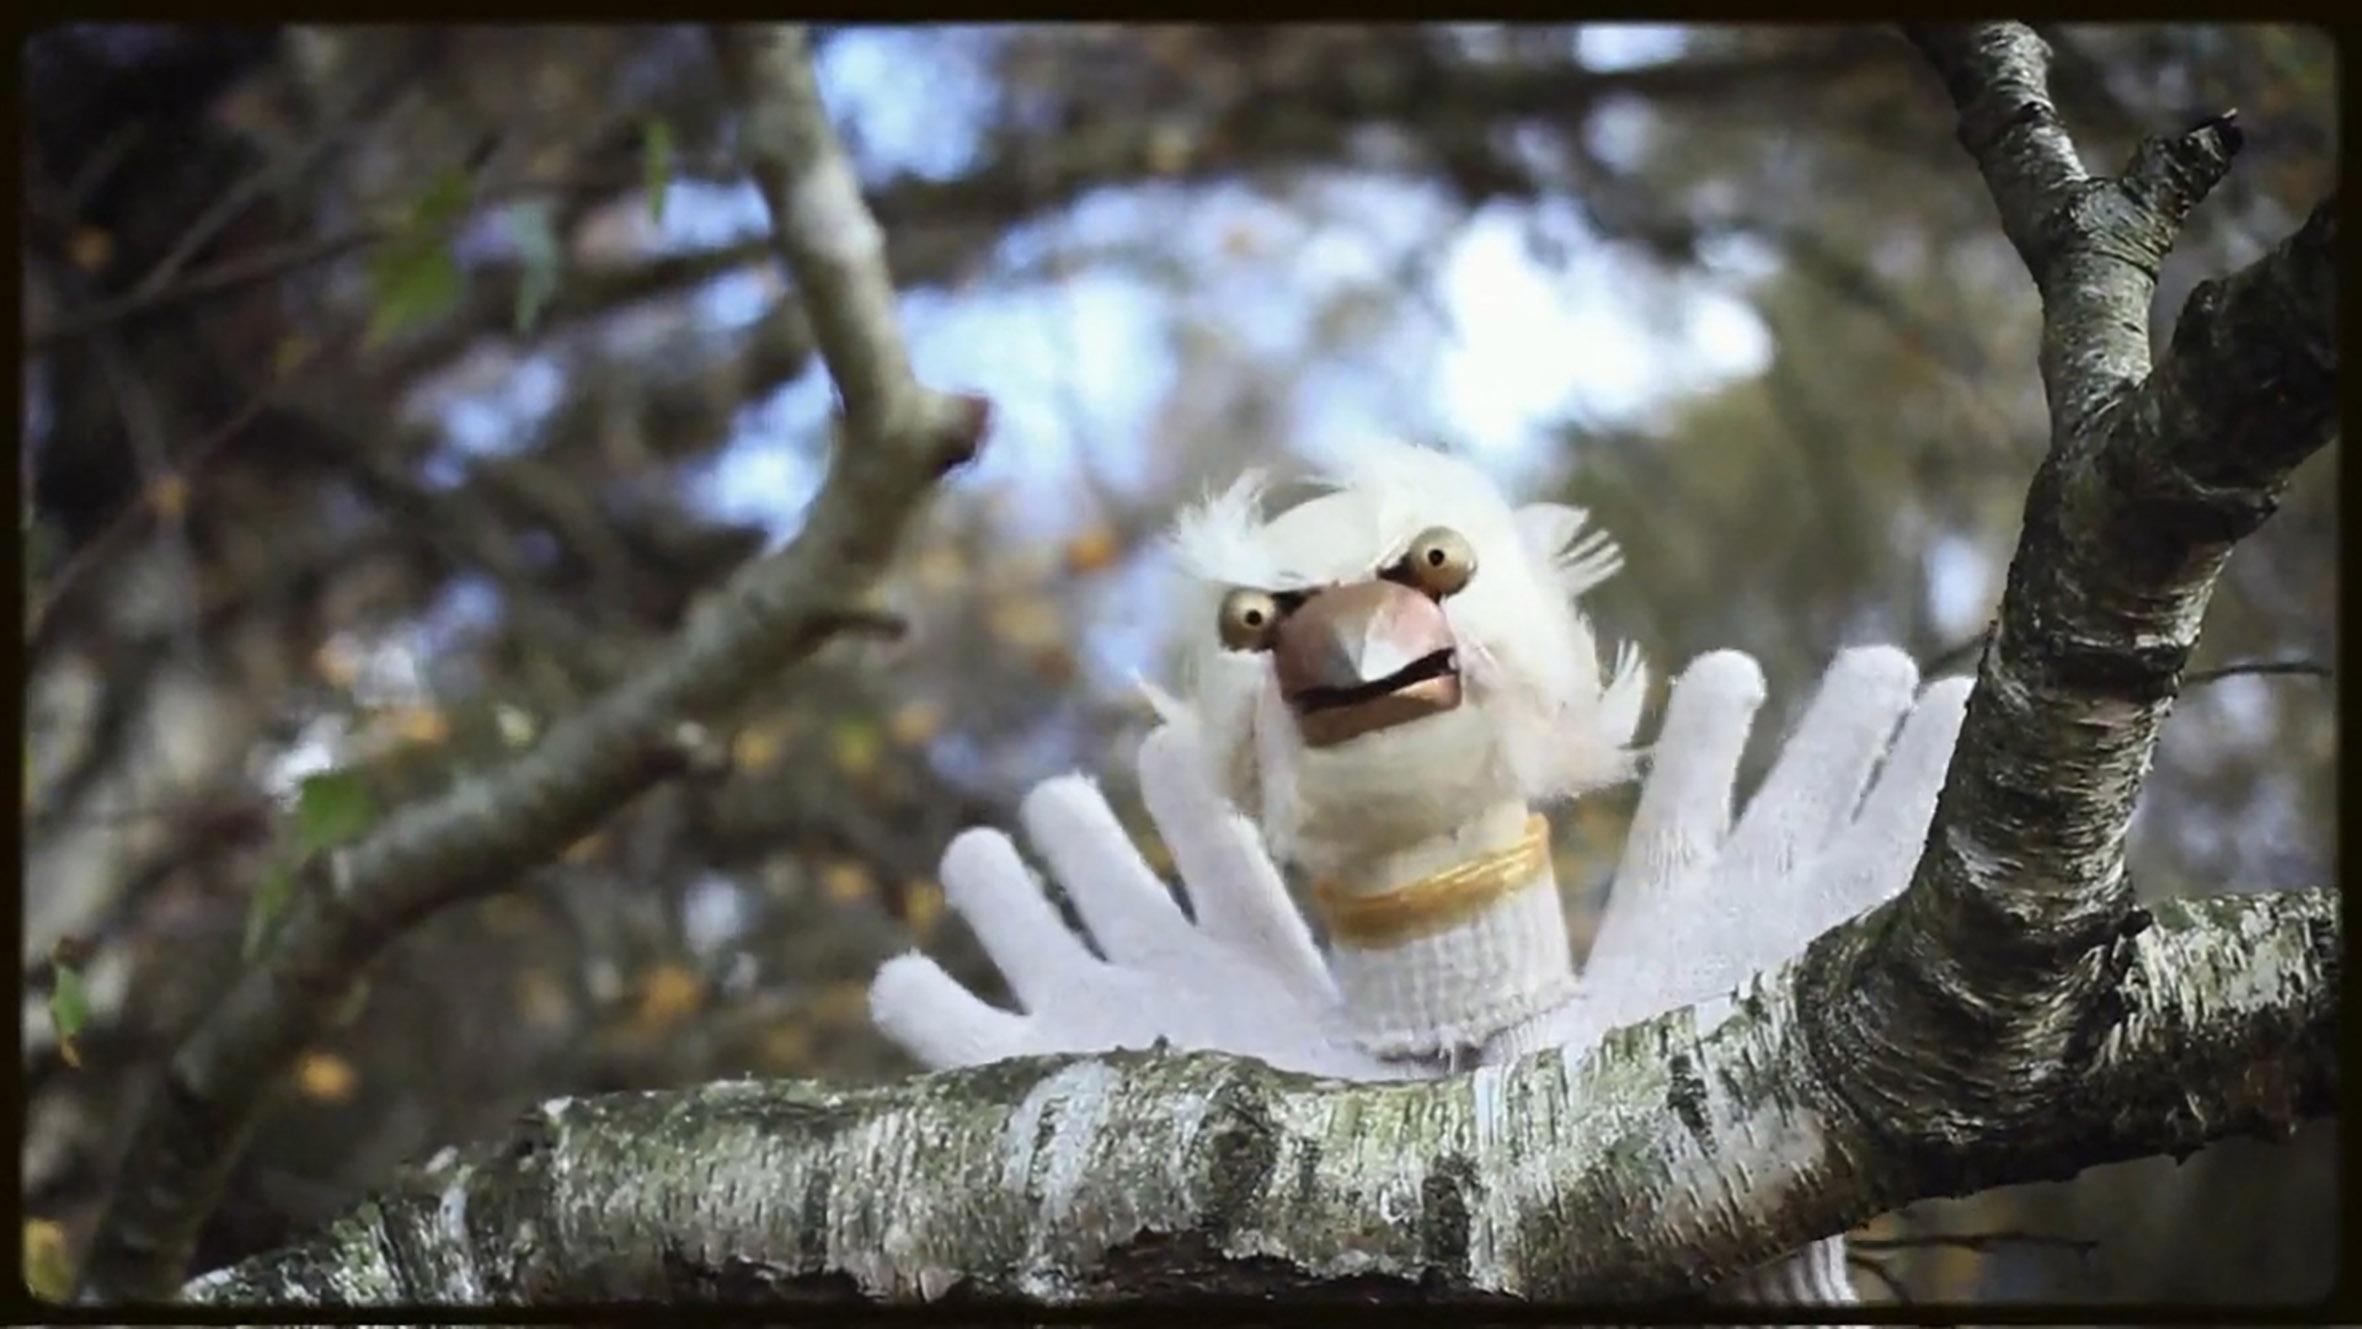 <em>Flights of Fancy</em> (2014) par le Hand to Mouth Theatre (New Forest, Royaume-Uni), mise en scène : Clive Chandler, conception et fabrication de marionnettes : Martin Bridle et Su Eaton. Marionnettes à gaine. Photo: Leo Bridle